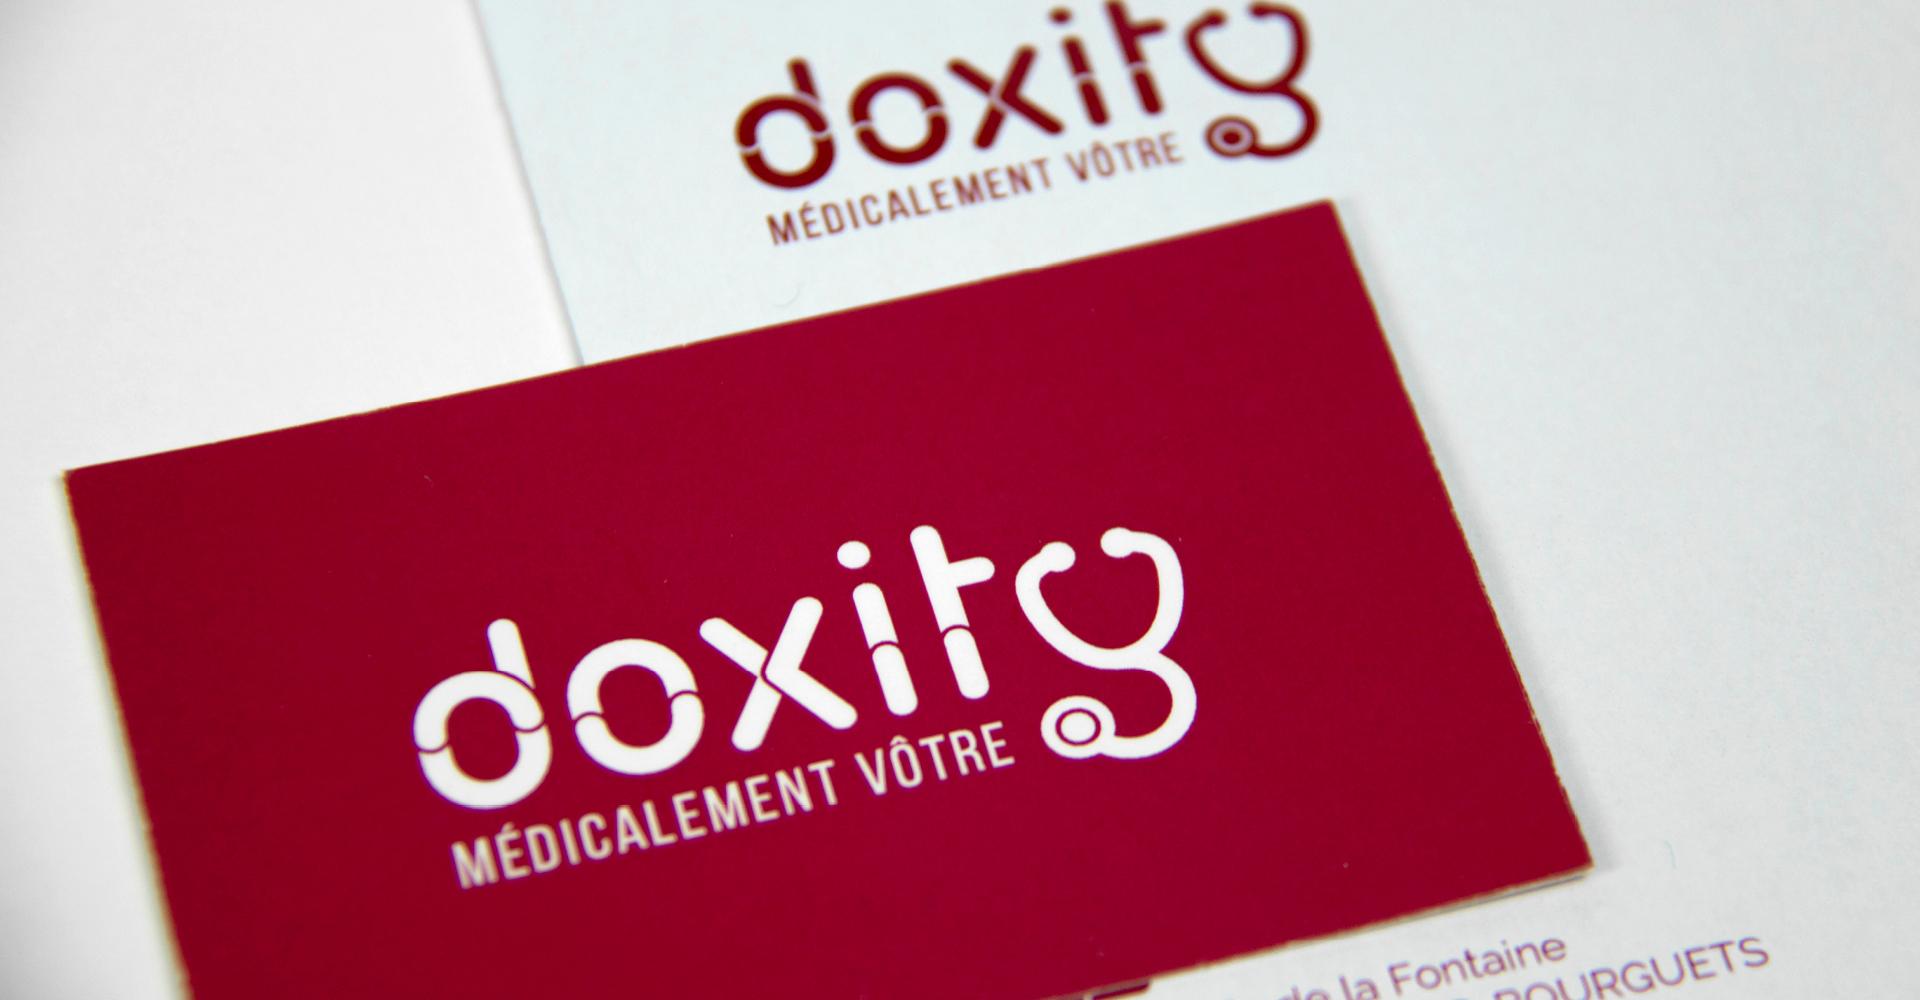 doxity